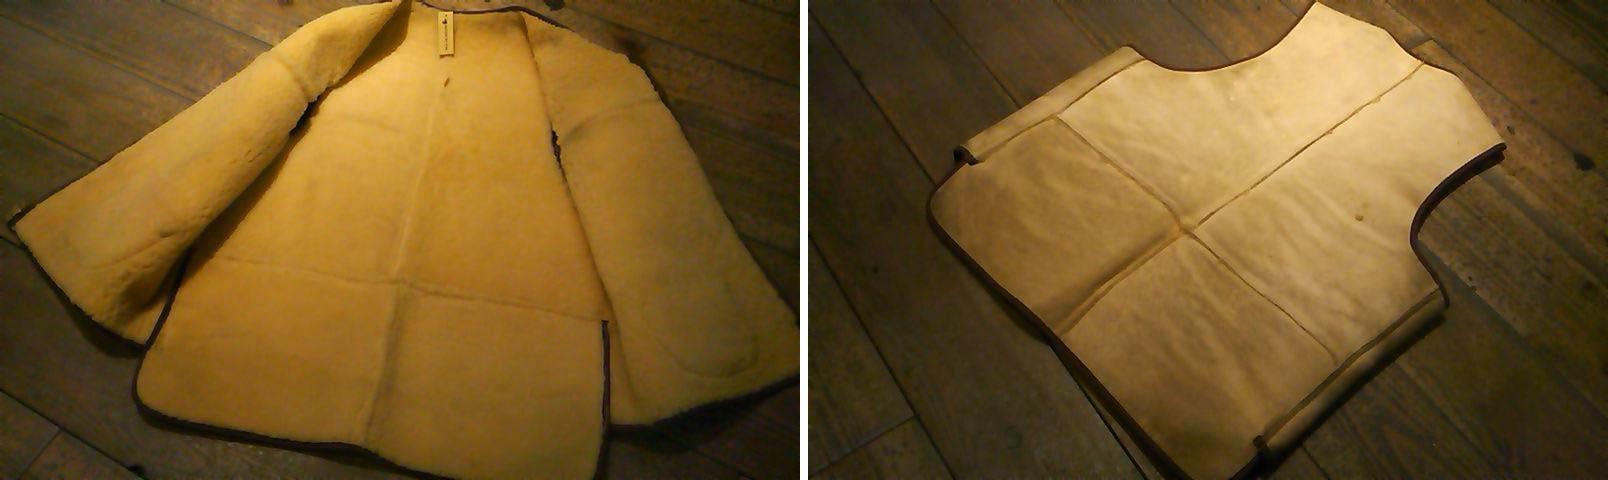 天然繊維の上質アイテムを味わって下さい!(大阪アメ村店)_c0078587_22561586.jpg